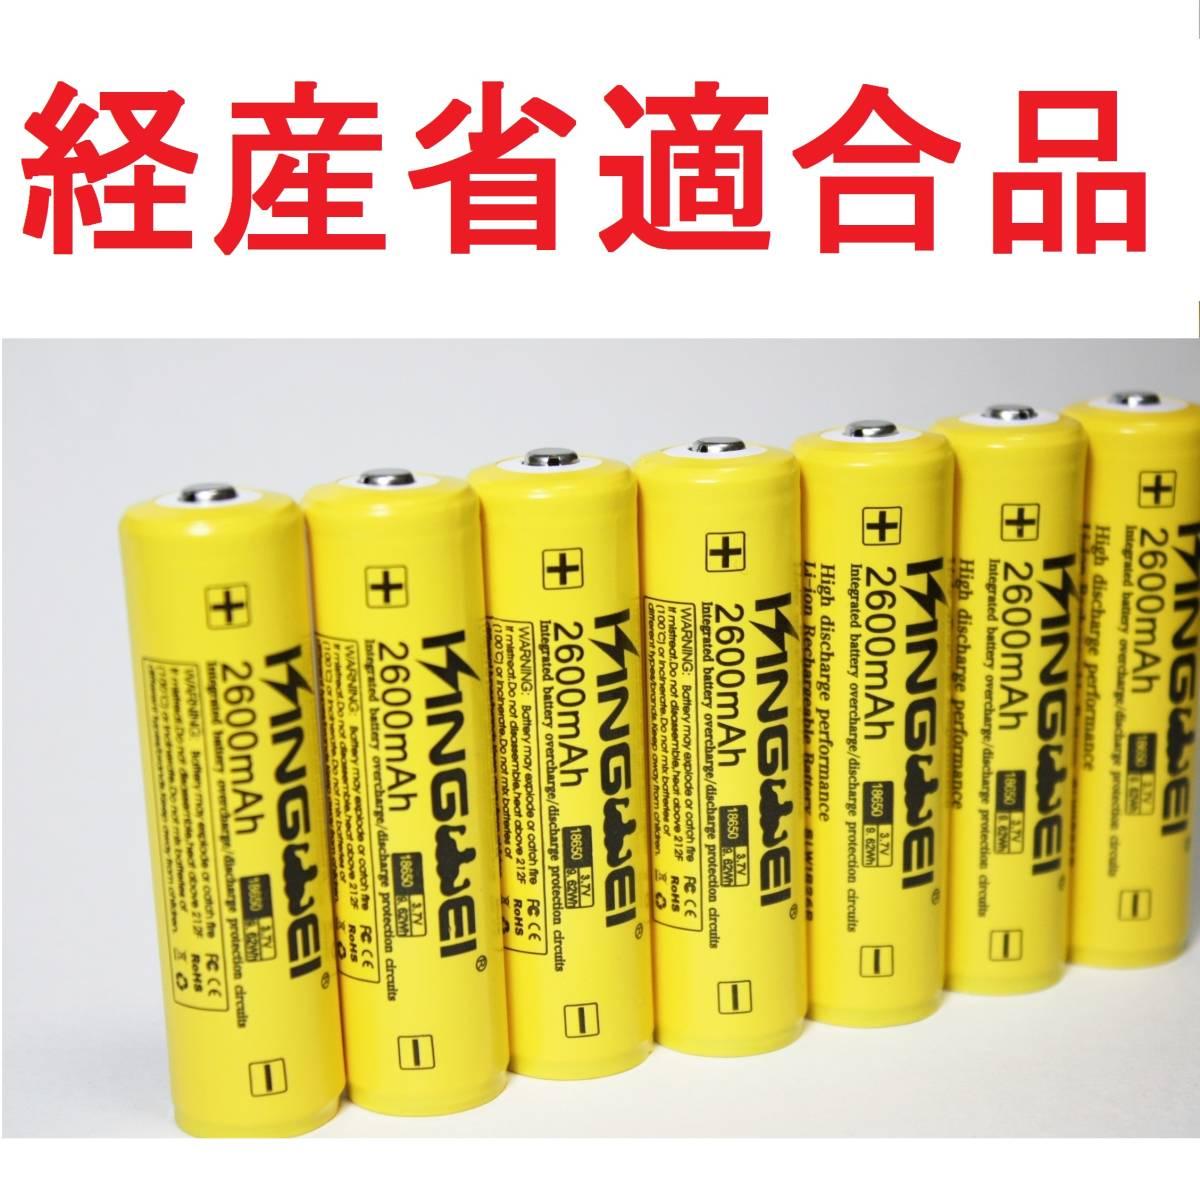 正規容量 18650 経済産業省適合品 大容量 リチウムイオン 充電池 バッテリー 懐中電灯 ヘッドライト02_画像1